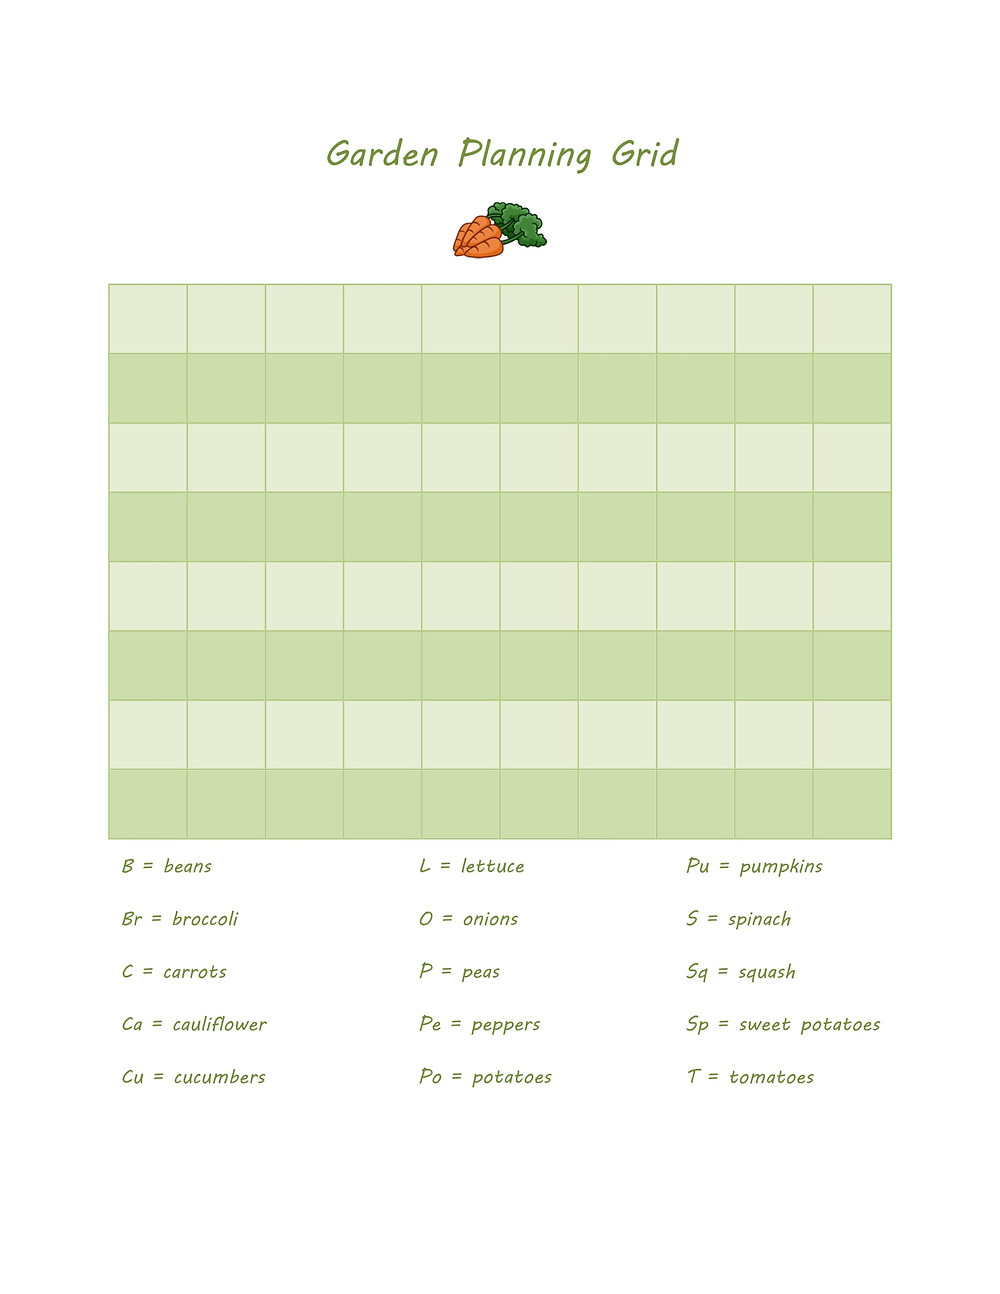 Garden planning grid